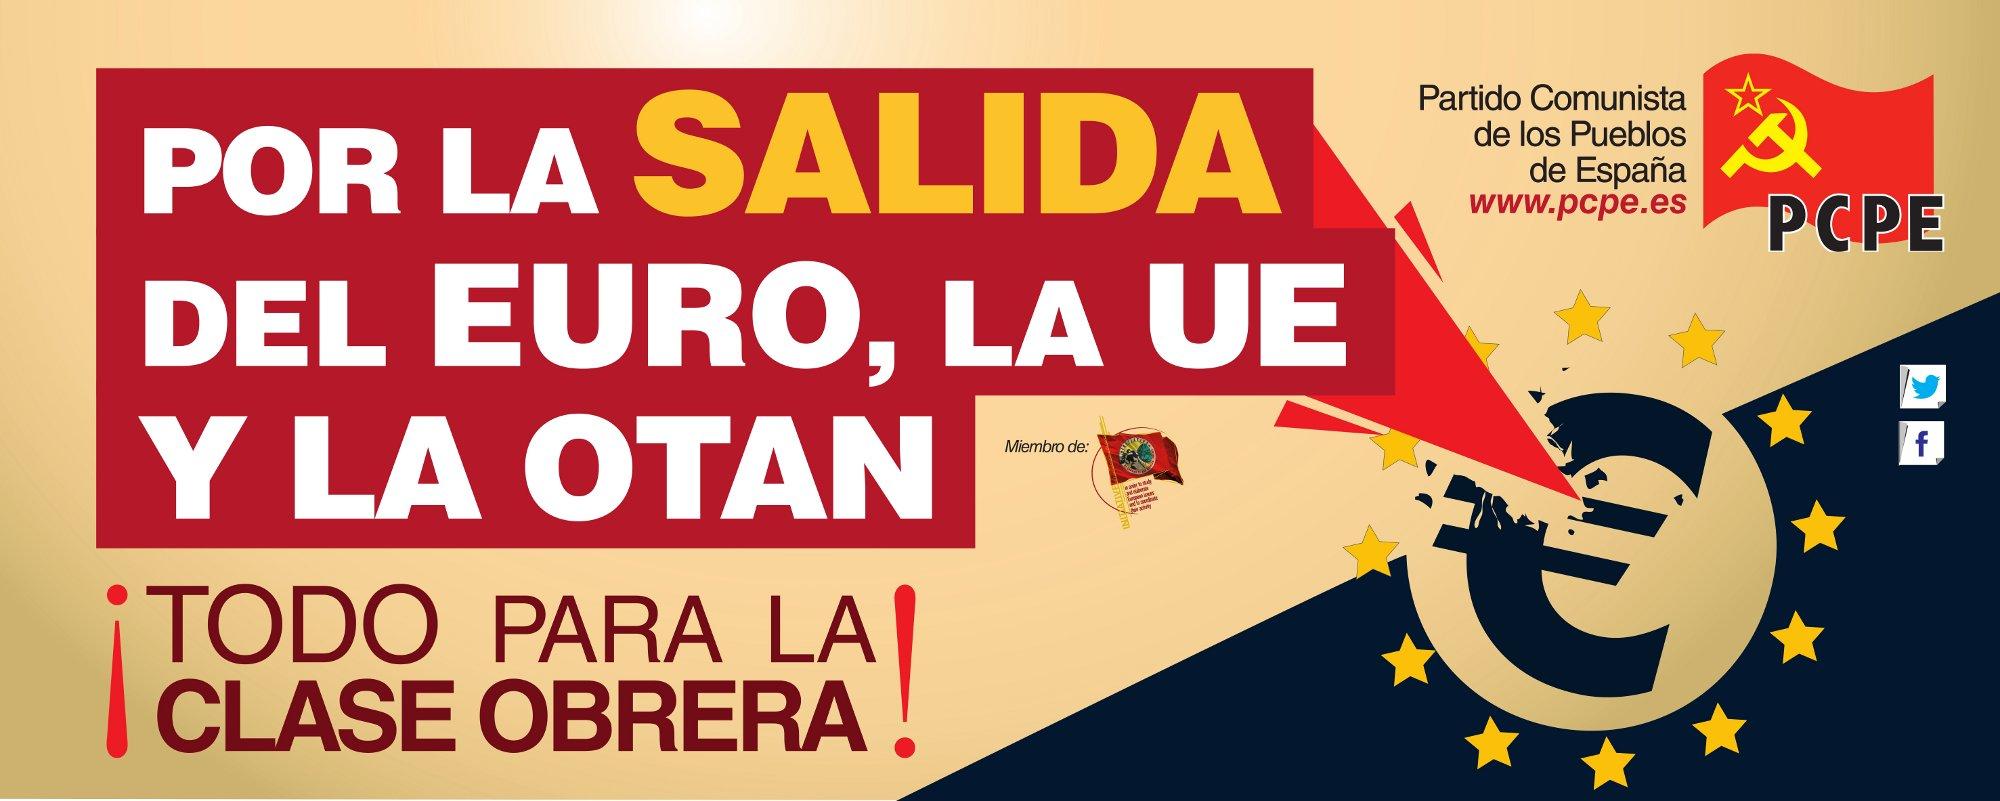 PUNTADAS CON HILO - Página 20 Cartelon%203x1,2mGENERAL_peq